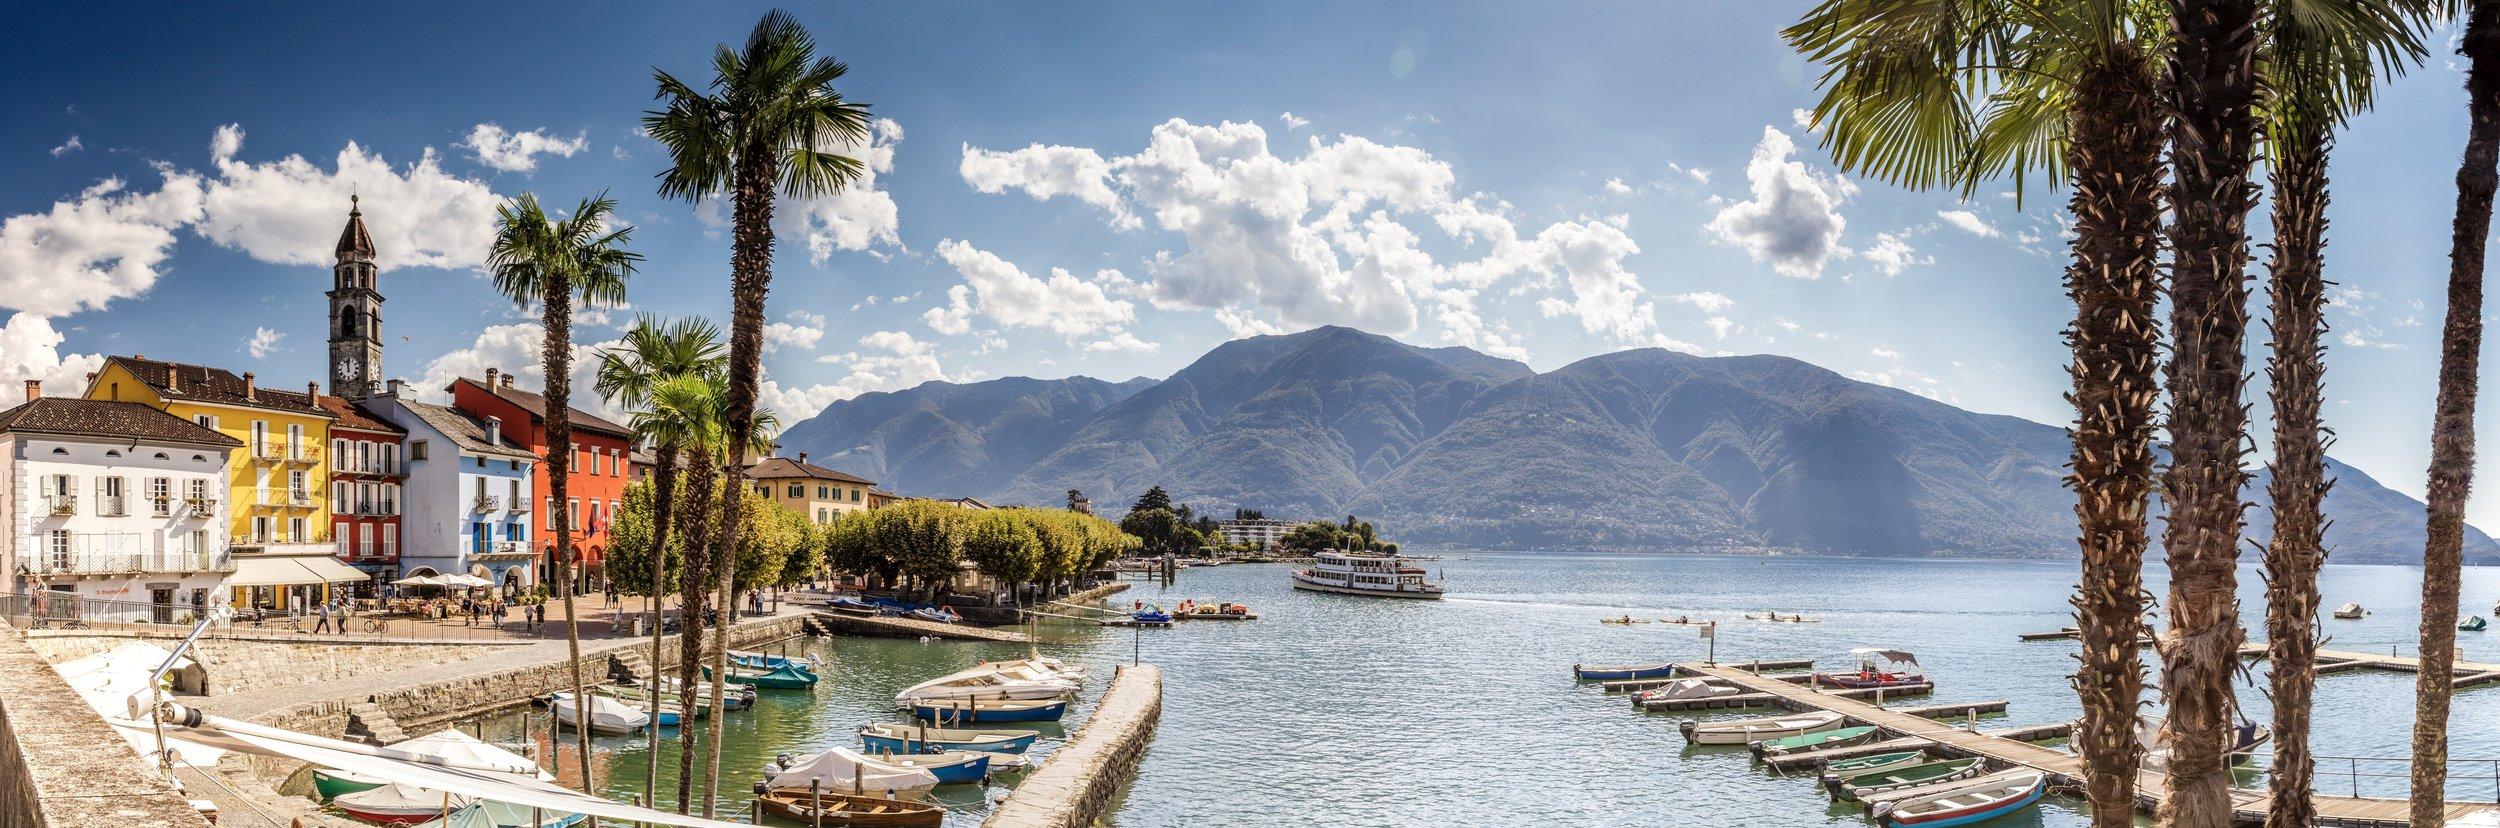 ResizedAscona (Ascona-Locarno Tourism - foto Alessio Pizzicannella).jpeg